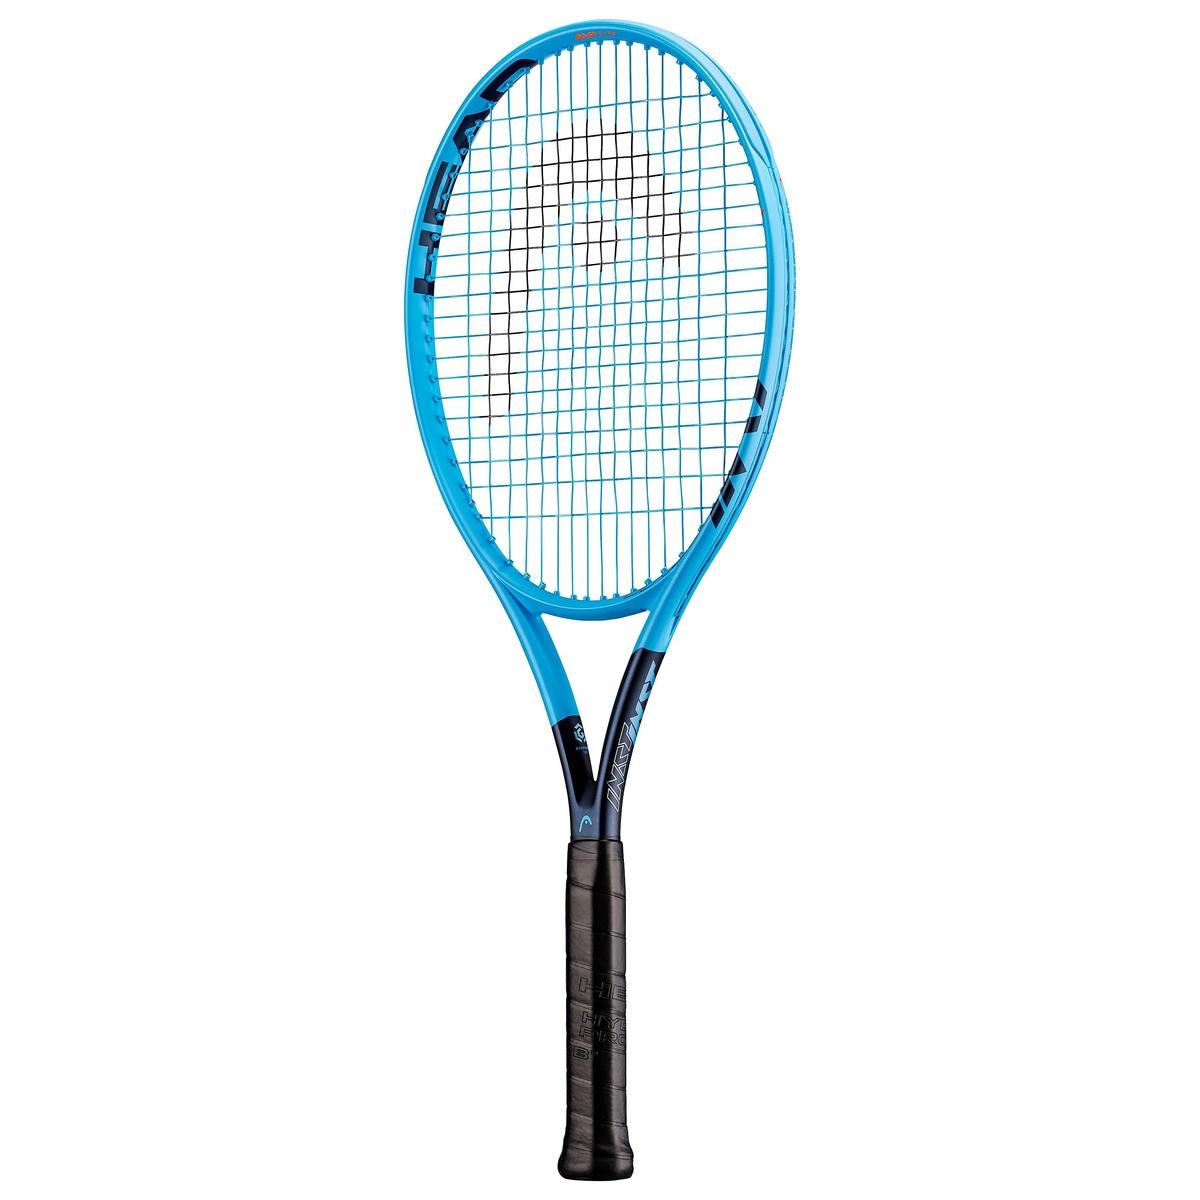 【送料無料】 HEAD (ヘッド) 【フレームのみ】テニス フレームラケット GRAPHENE 360 INSTINCT MP LITE 230829